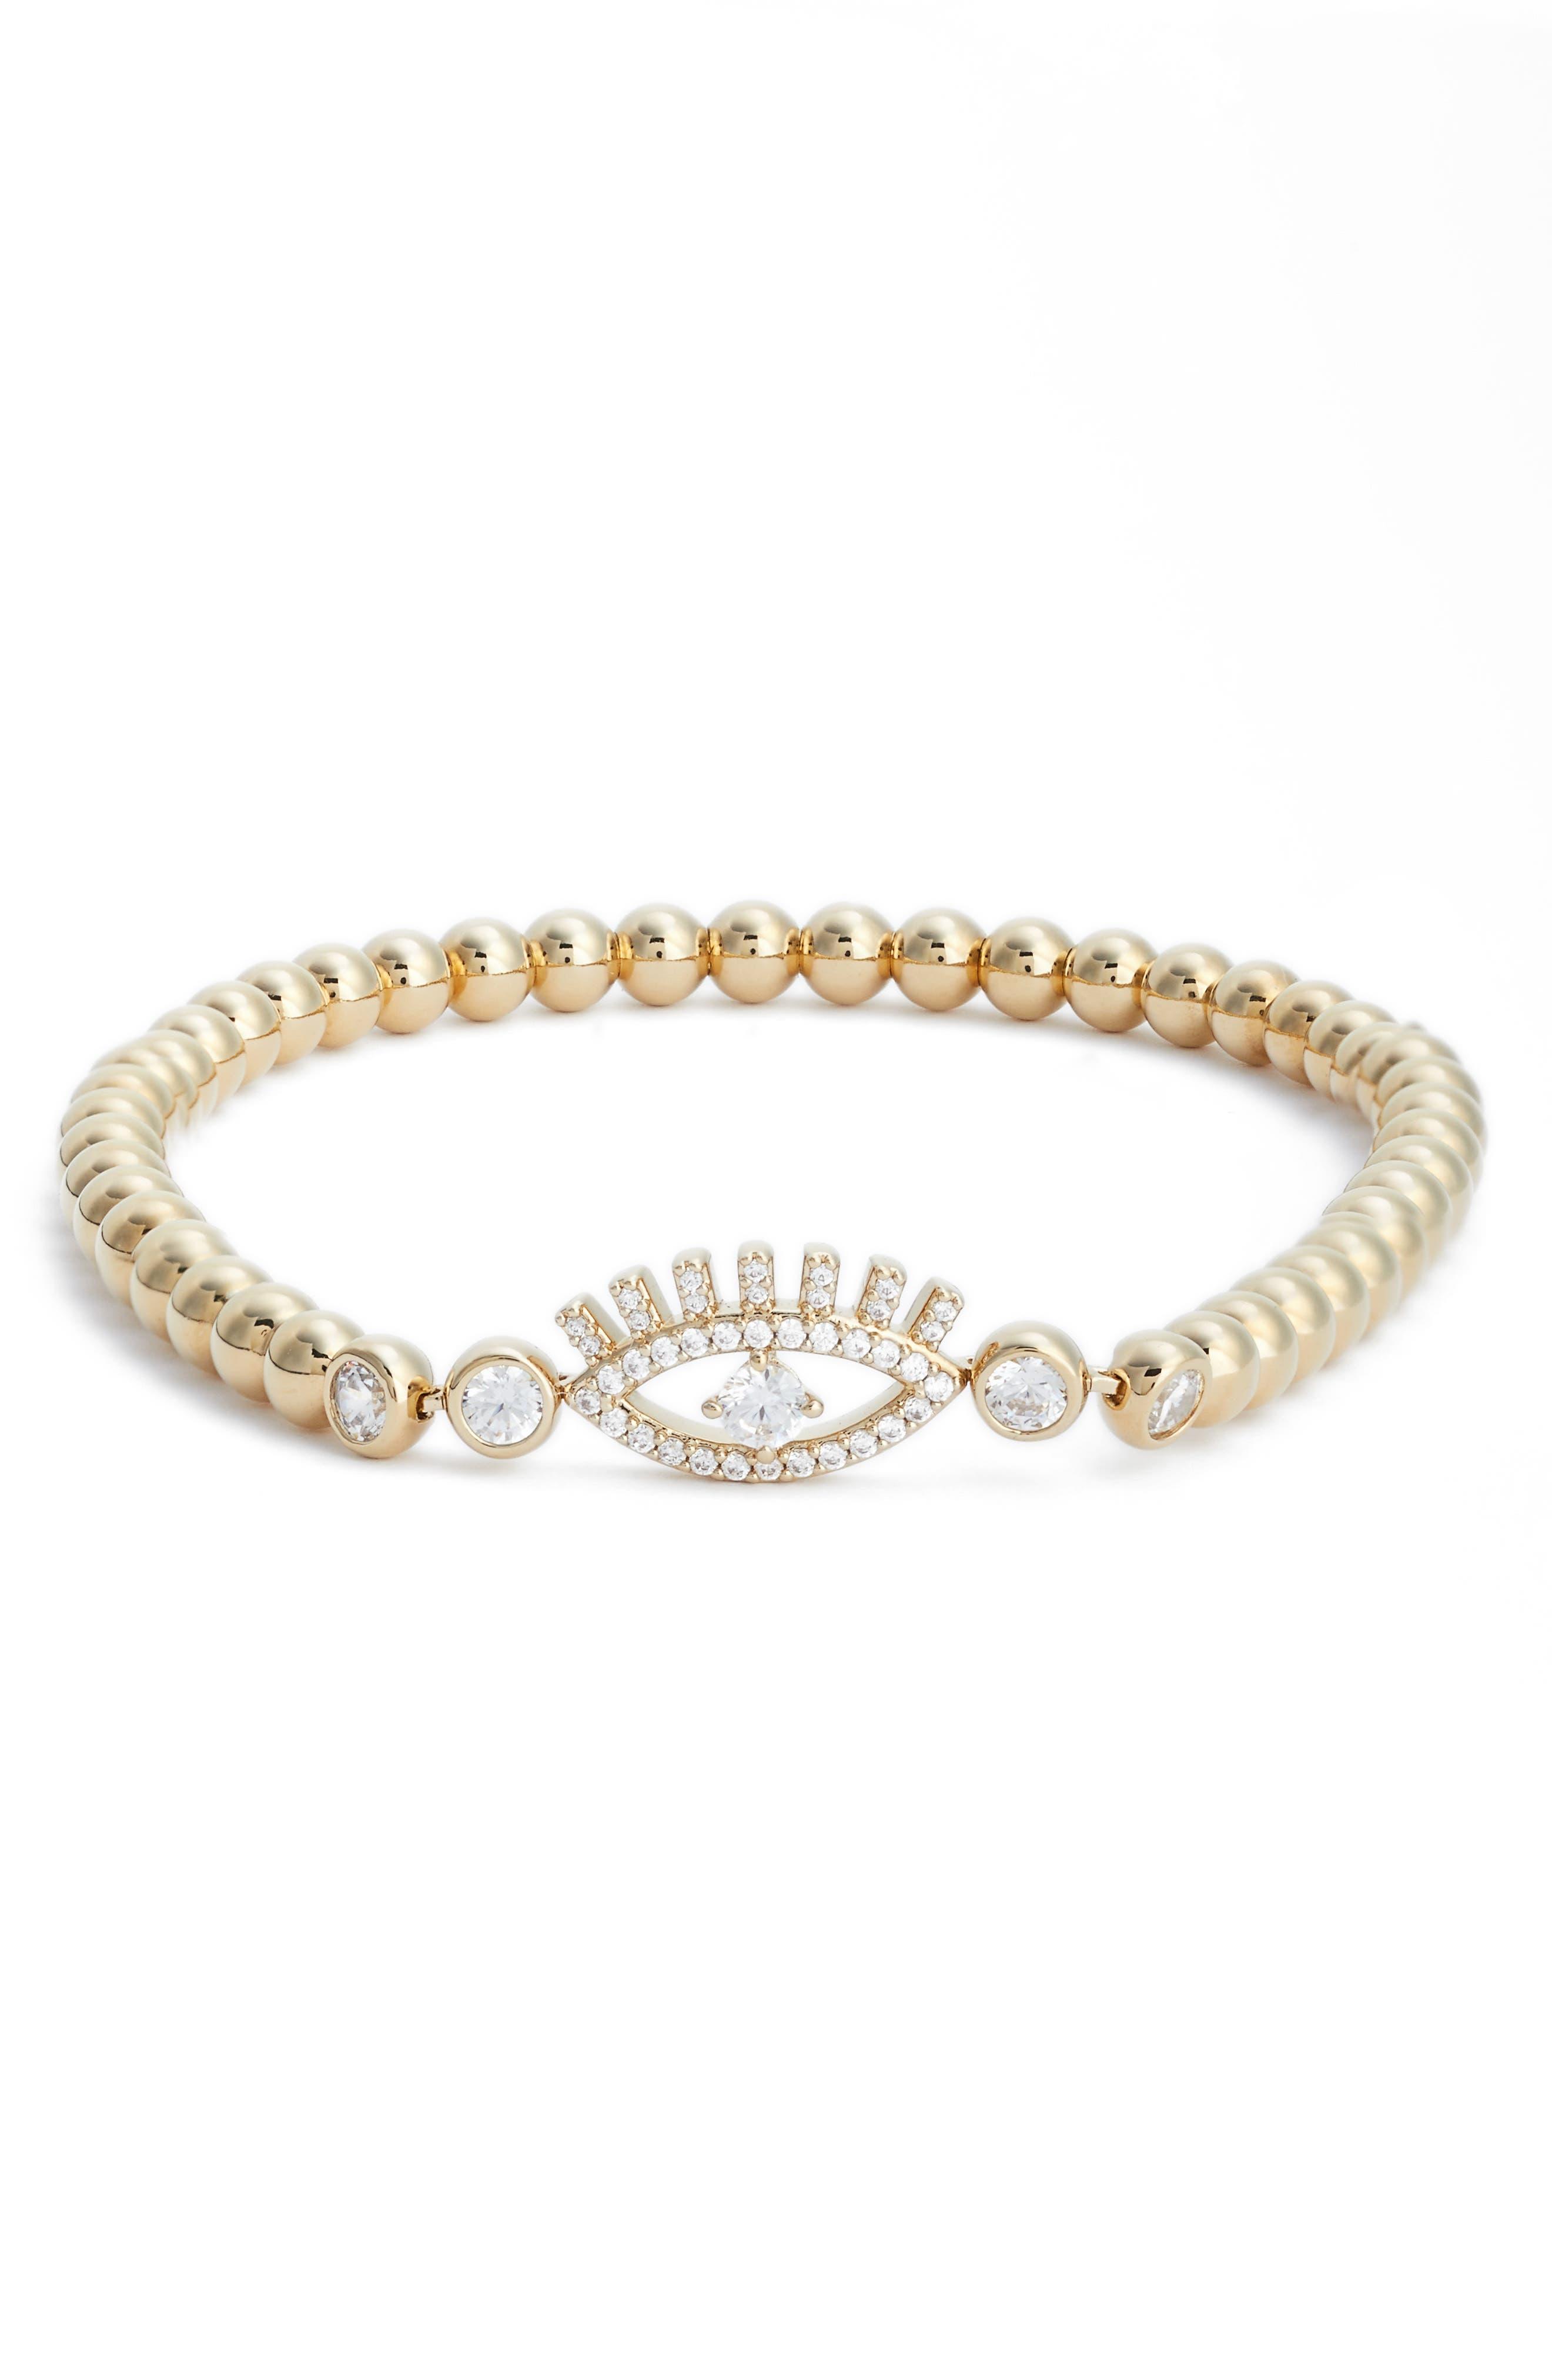 Amulet Cubic Zirconia Bracelet,                         Main,                         color, Gold/ Clear